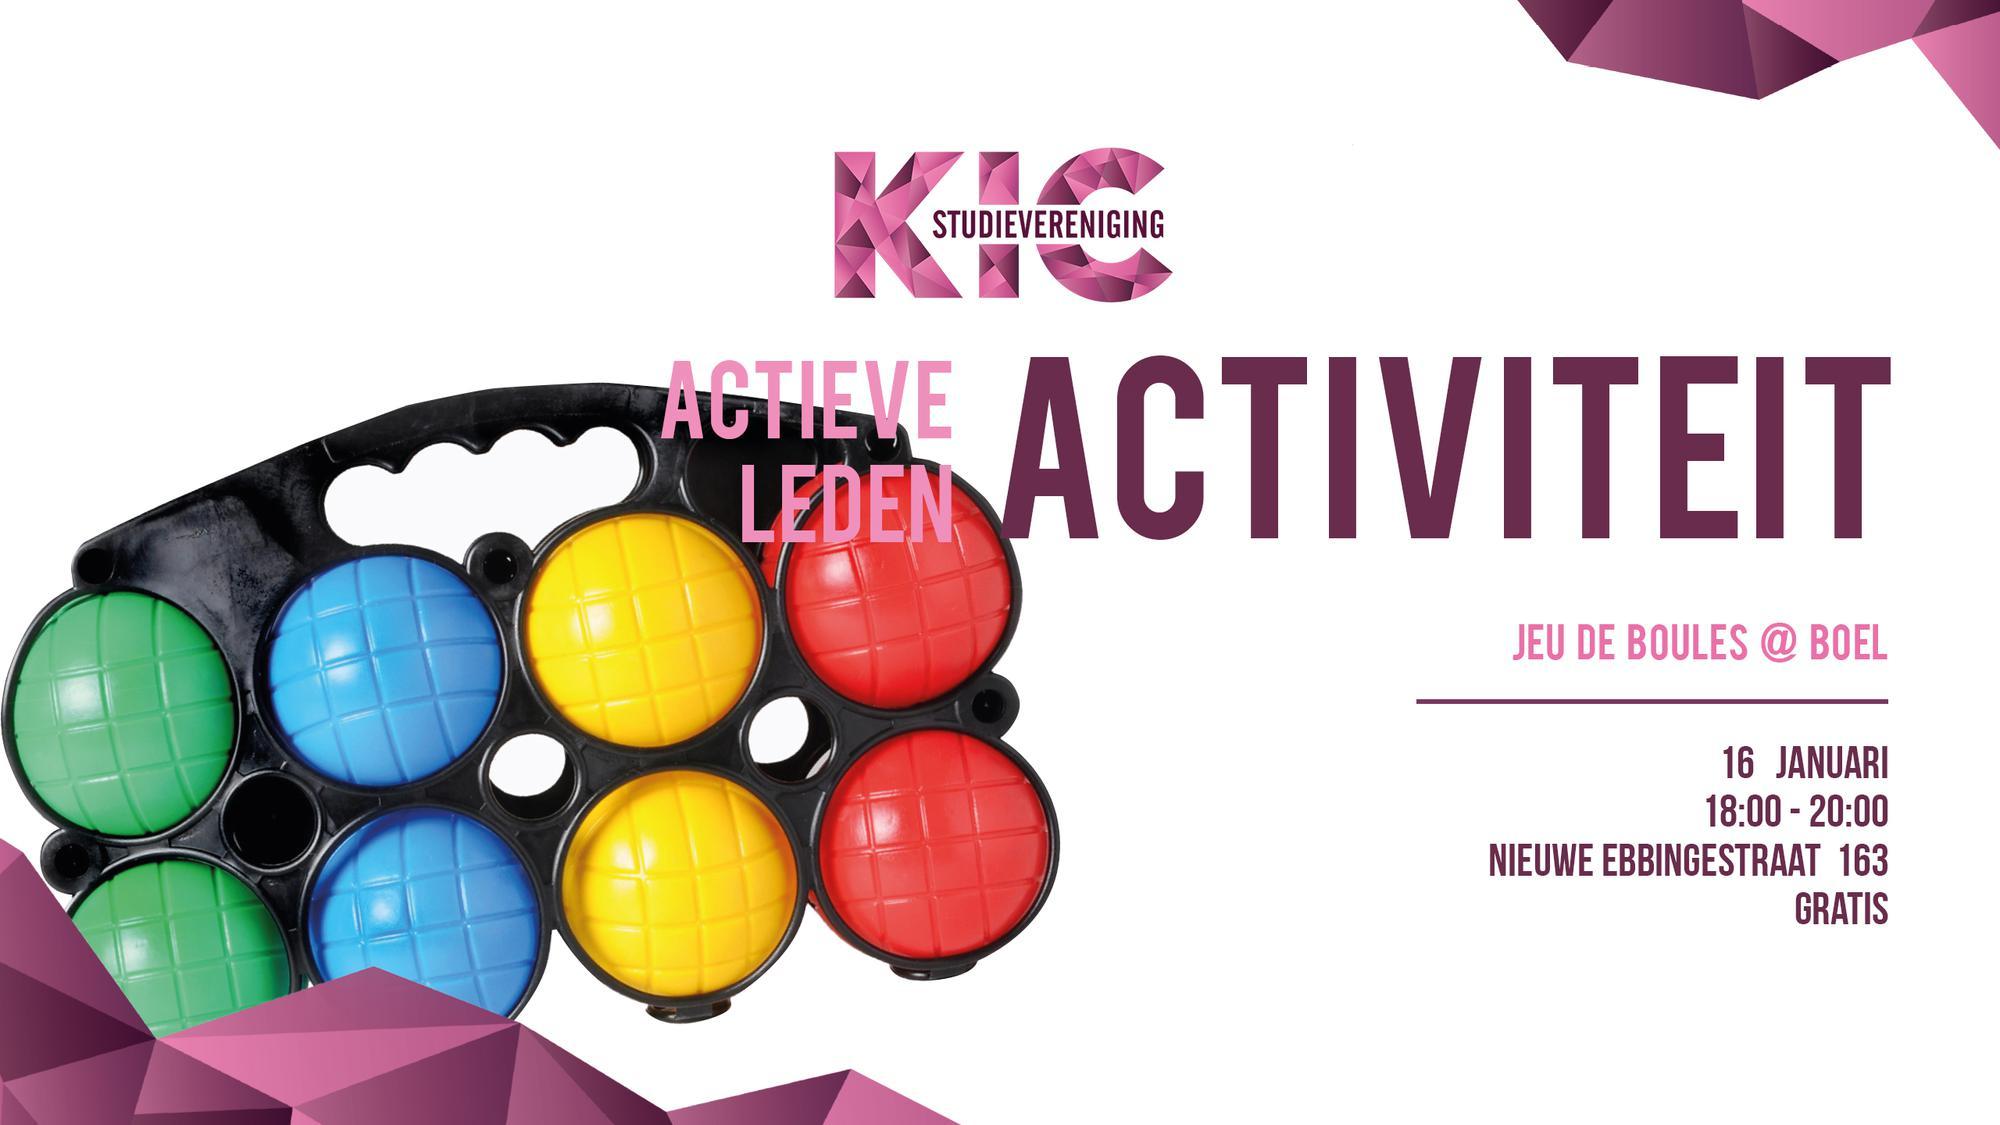 Actieve ledenactieviteit: Jeu de boules